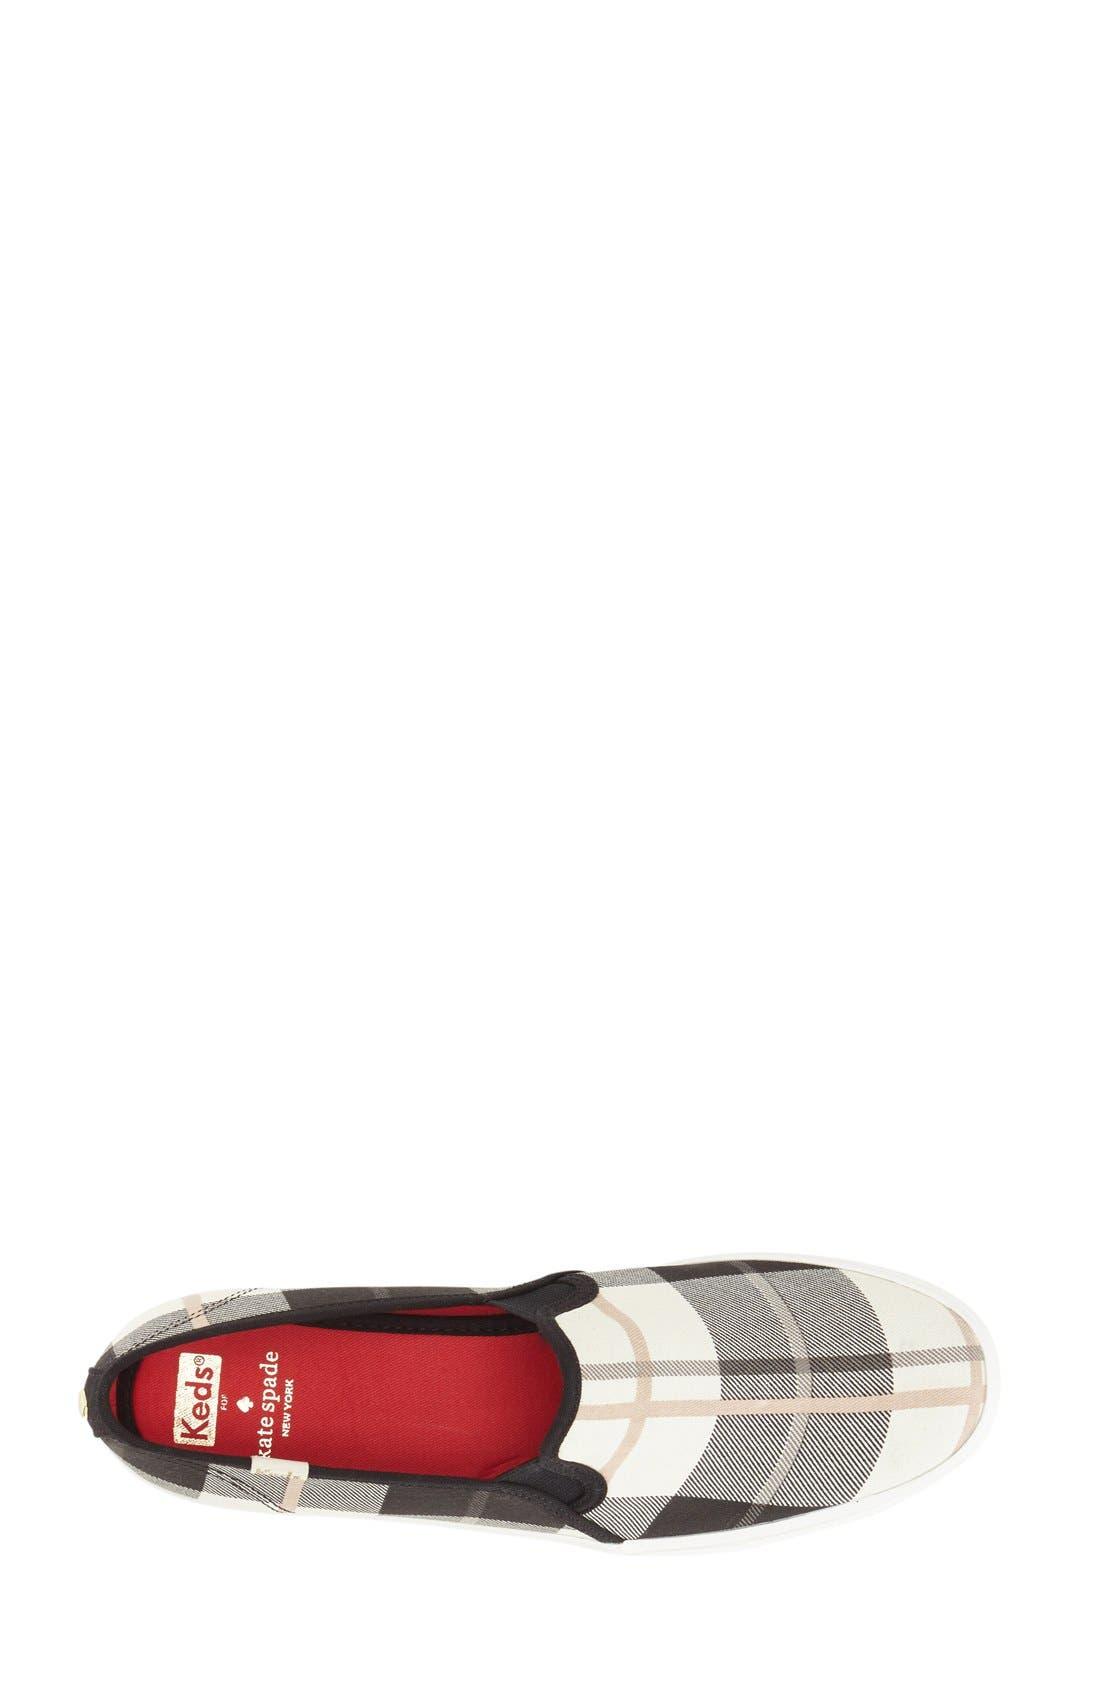 Alternate Image 3  - Keds® for kate spade new york 'decker' slip-on sneaker (Women)